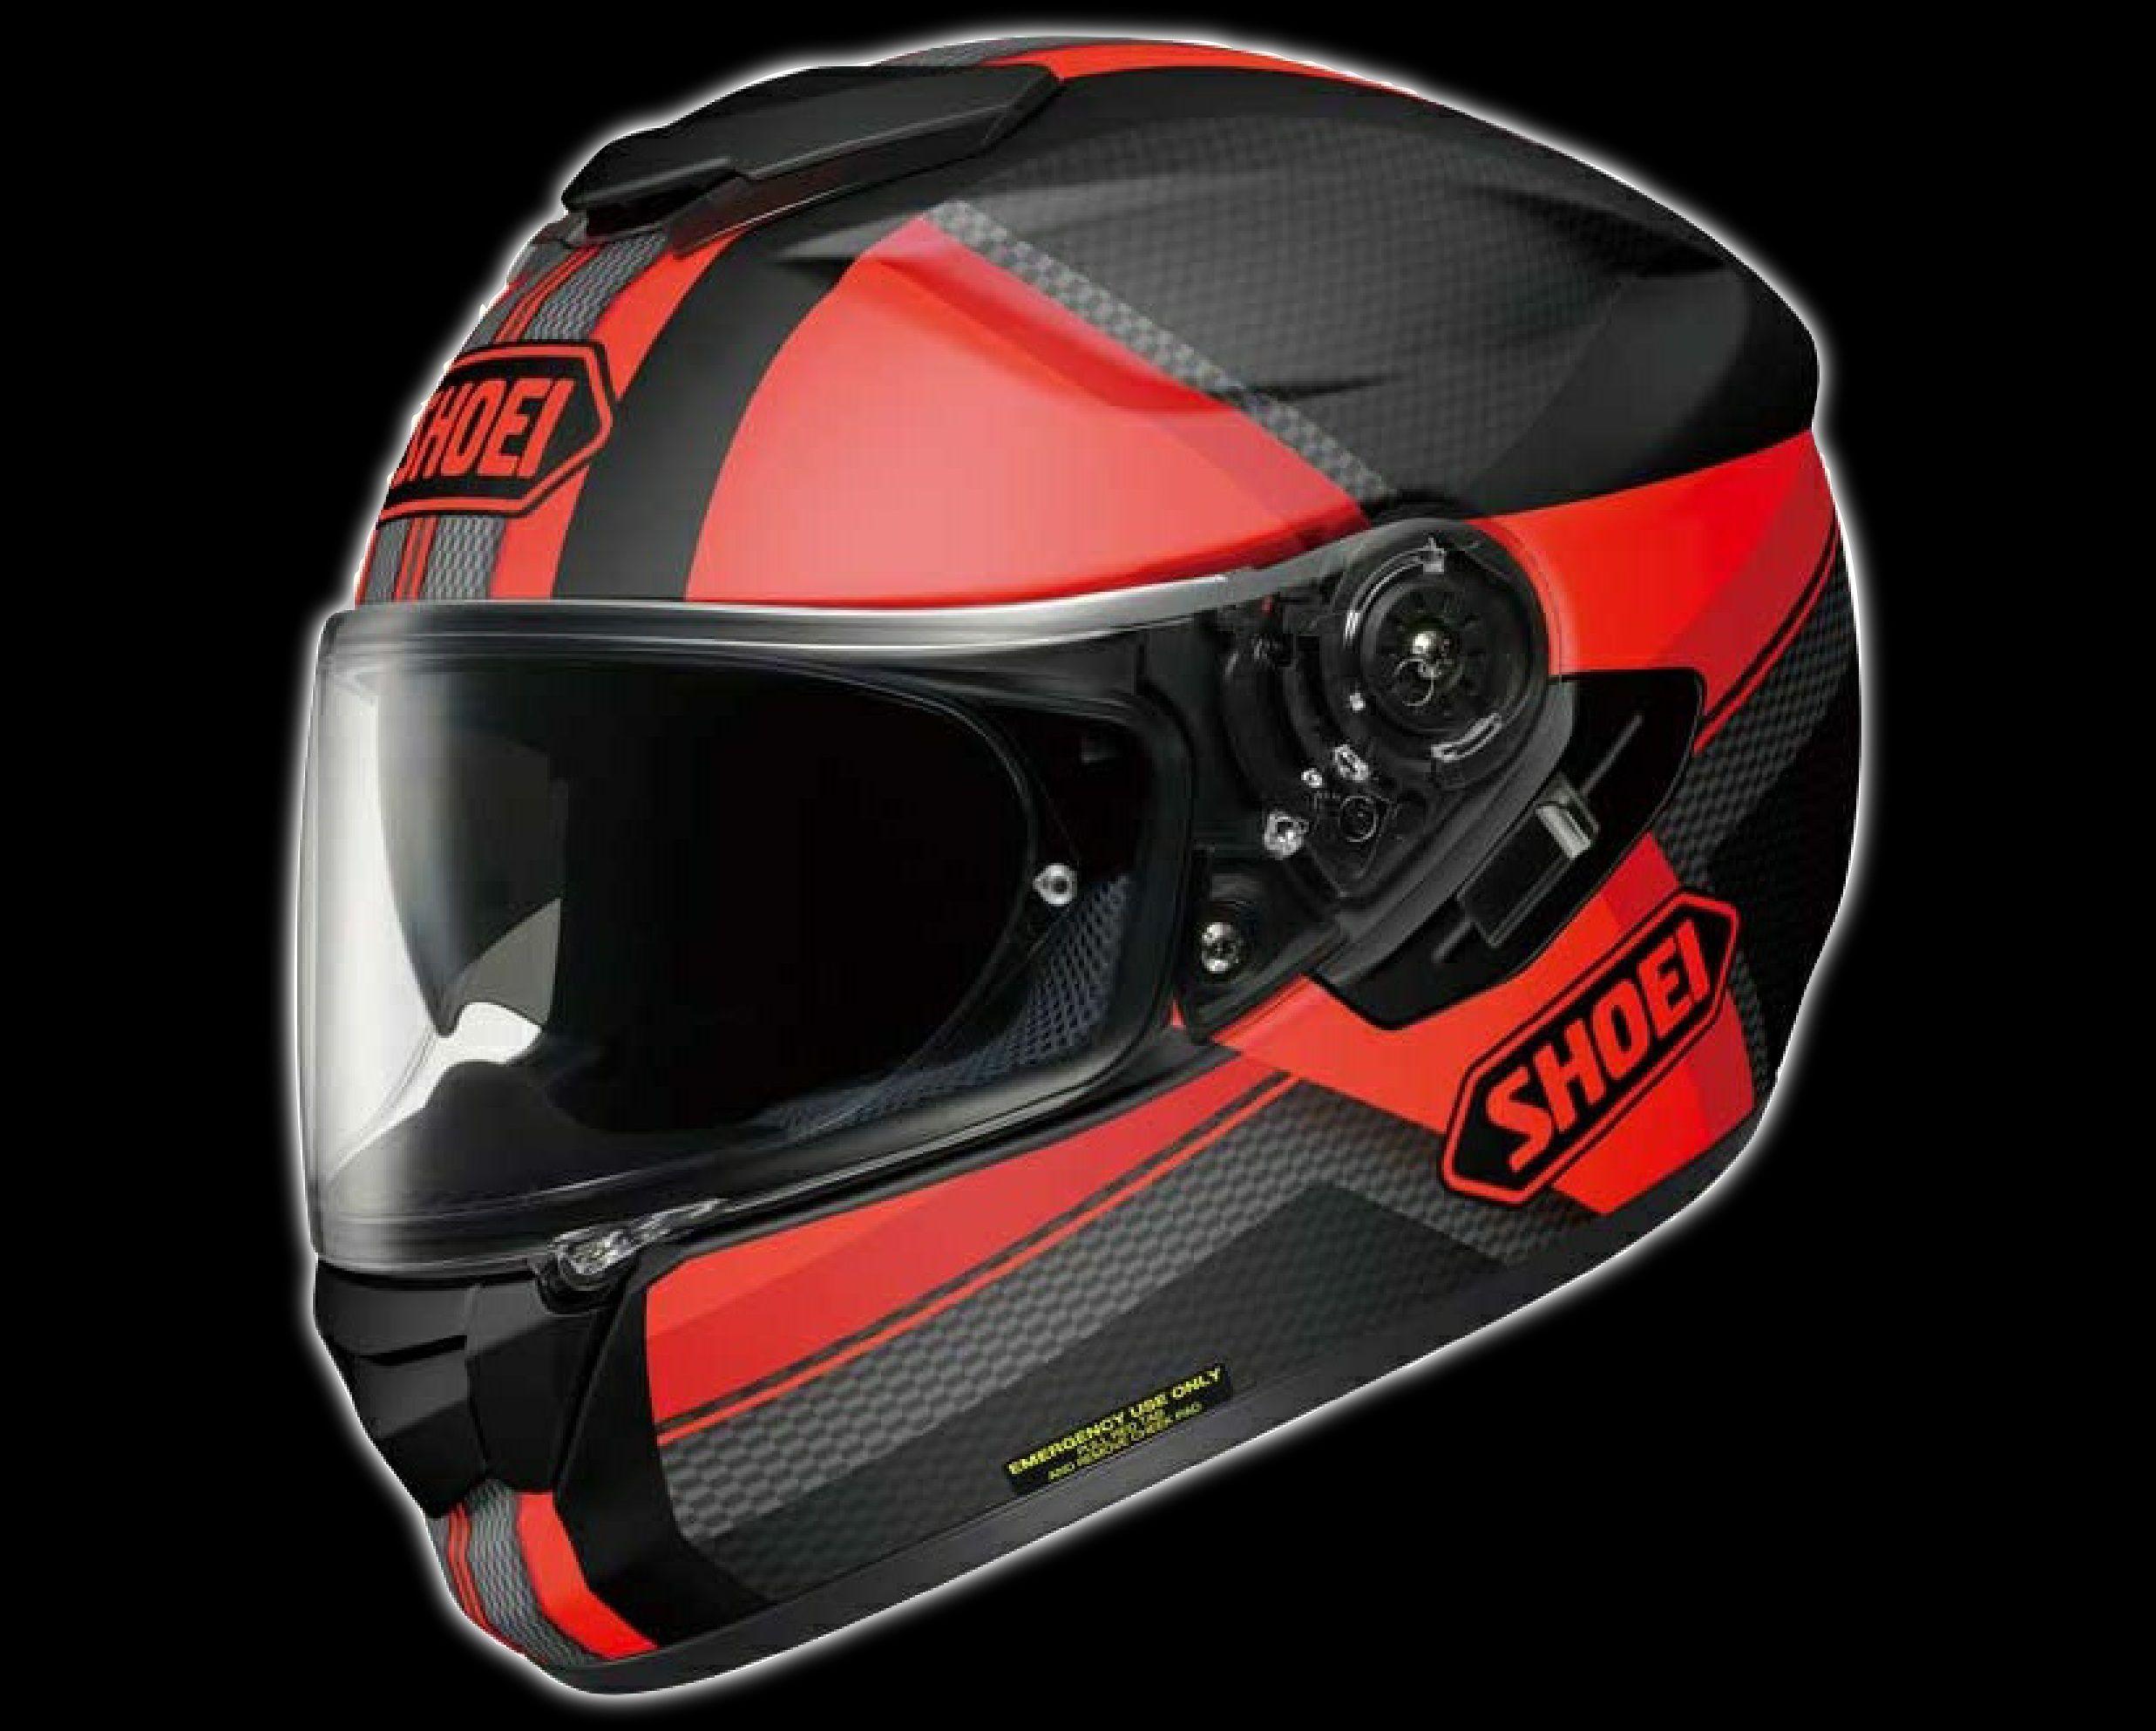 Shoei GTAir Exposure TC1 Matt Helmet Exposure TC1